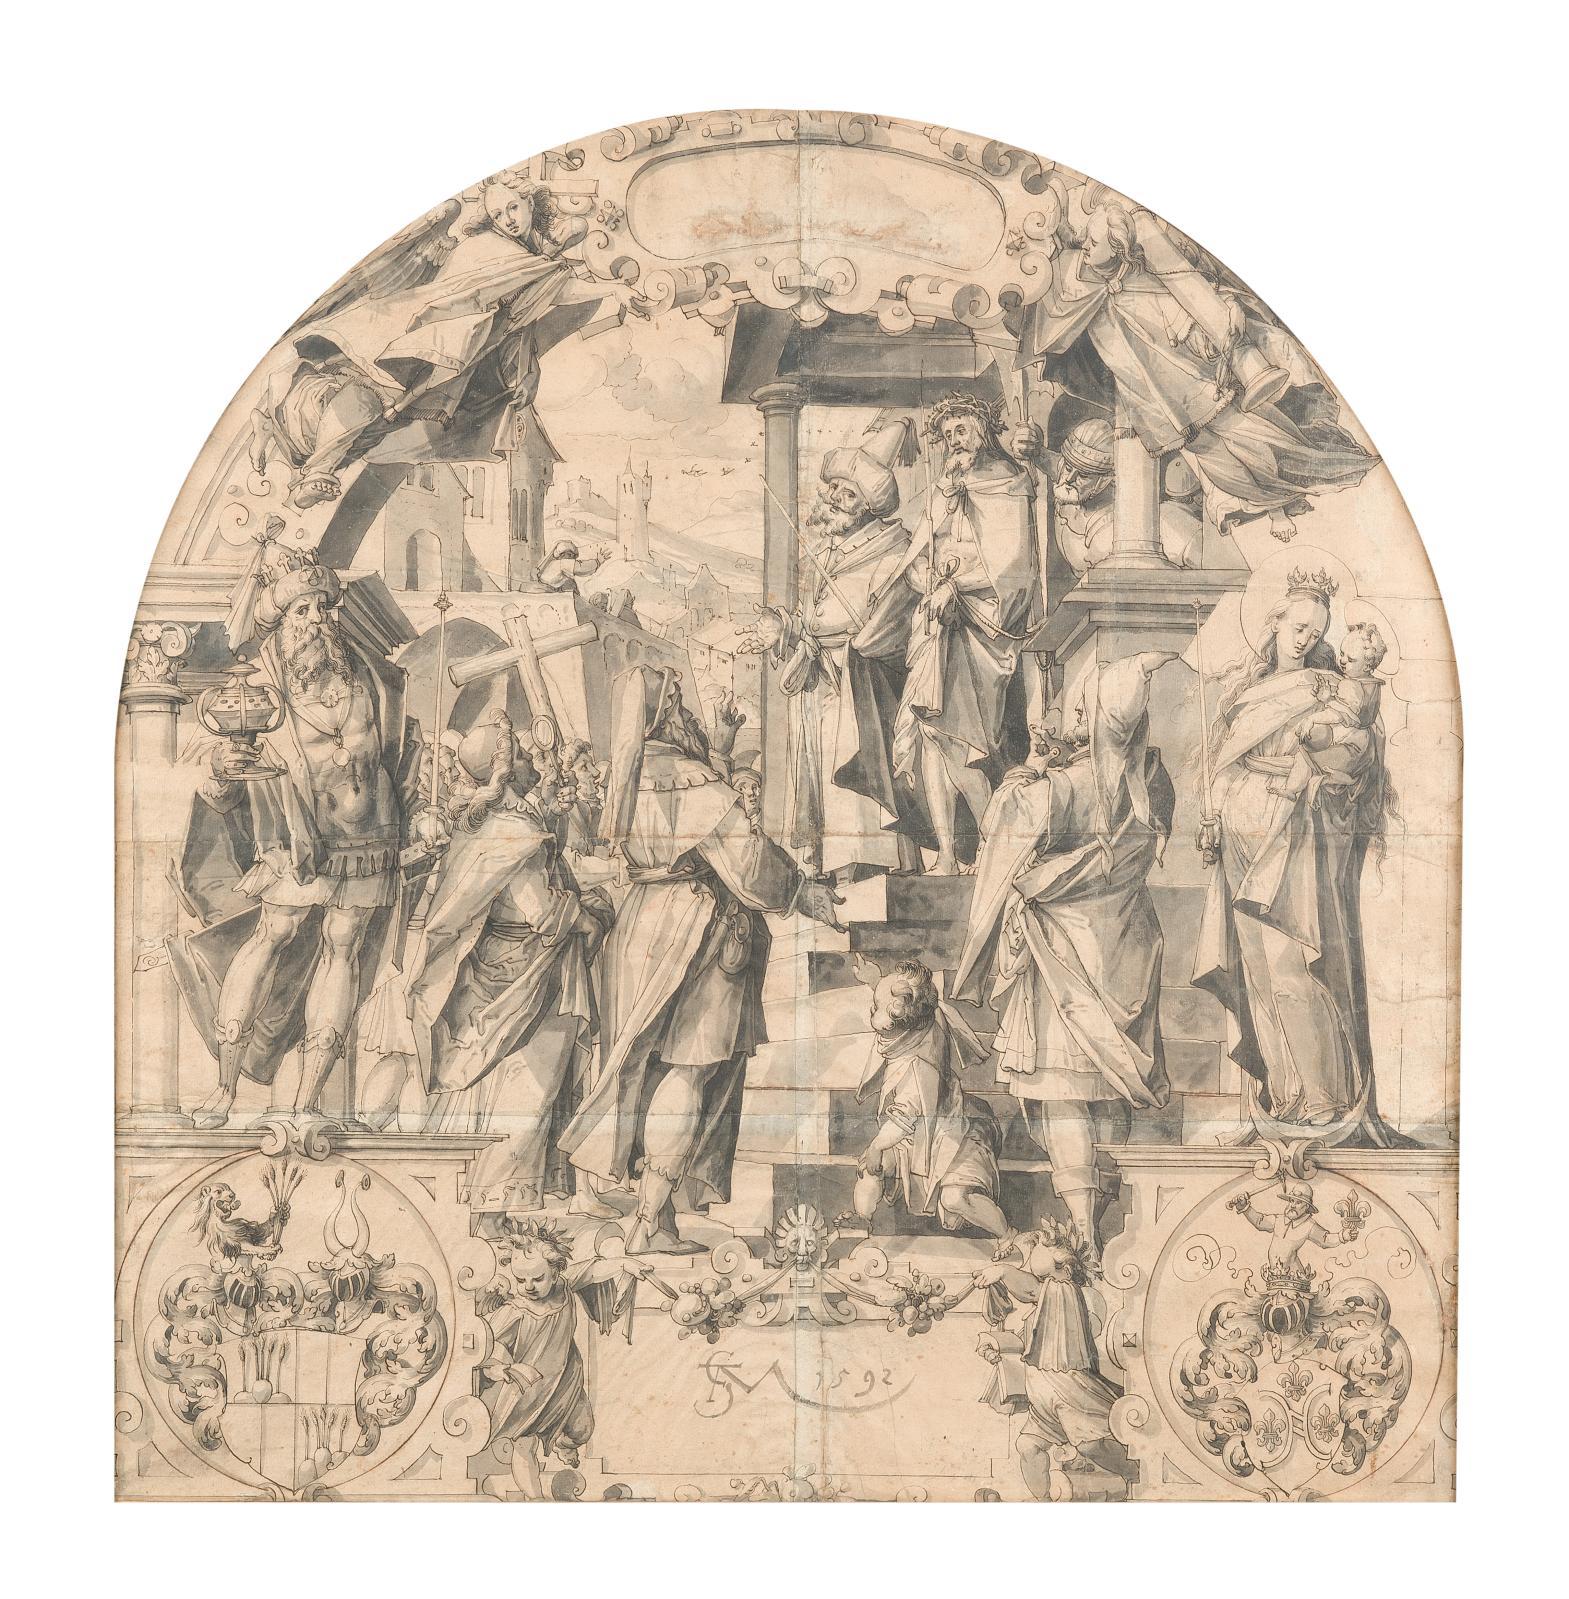 Christoph Murer (1558-1614) Ecce Homo, le Roi Gaspard, la Vierge et l'Enfant et les armes des familles Kundig et Pfyffer: étude pour un vitrail, sign